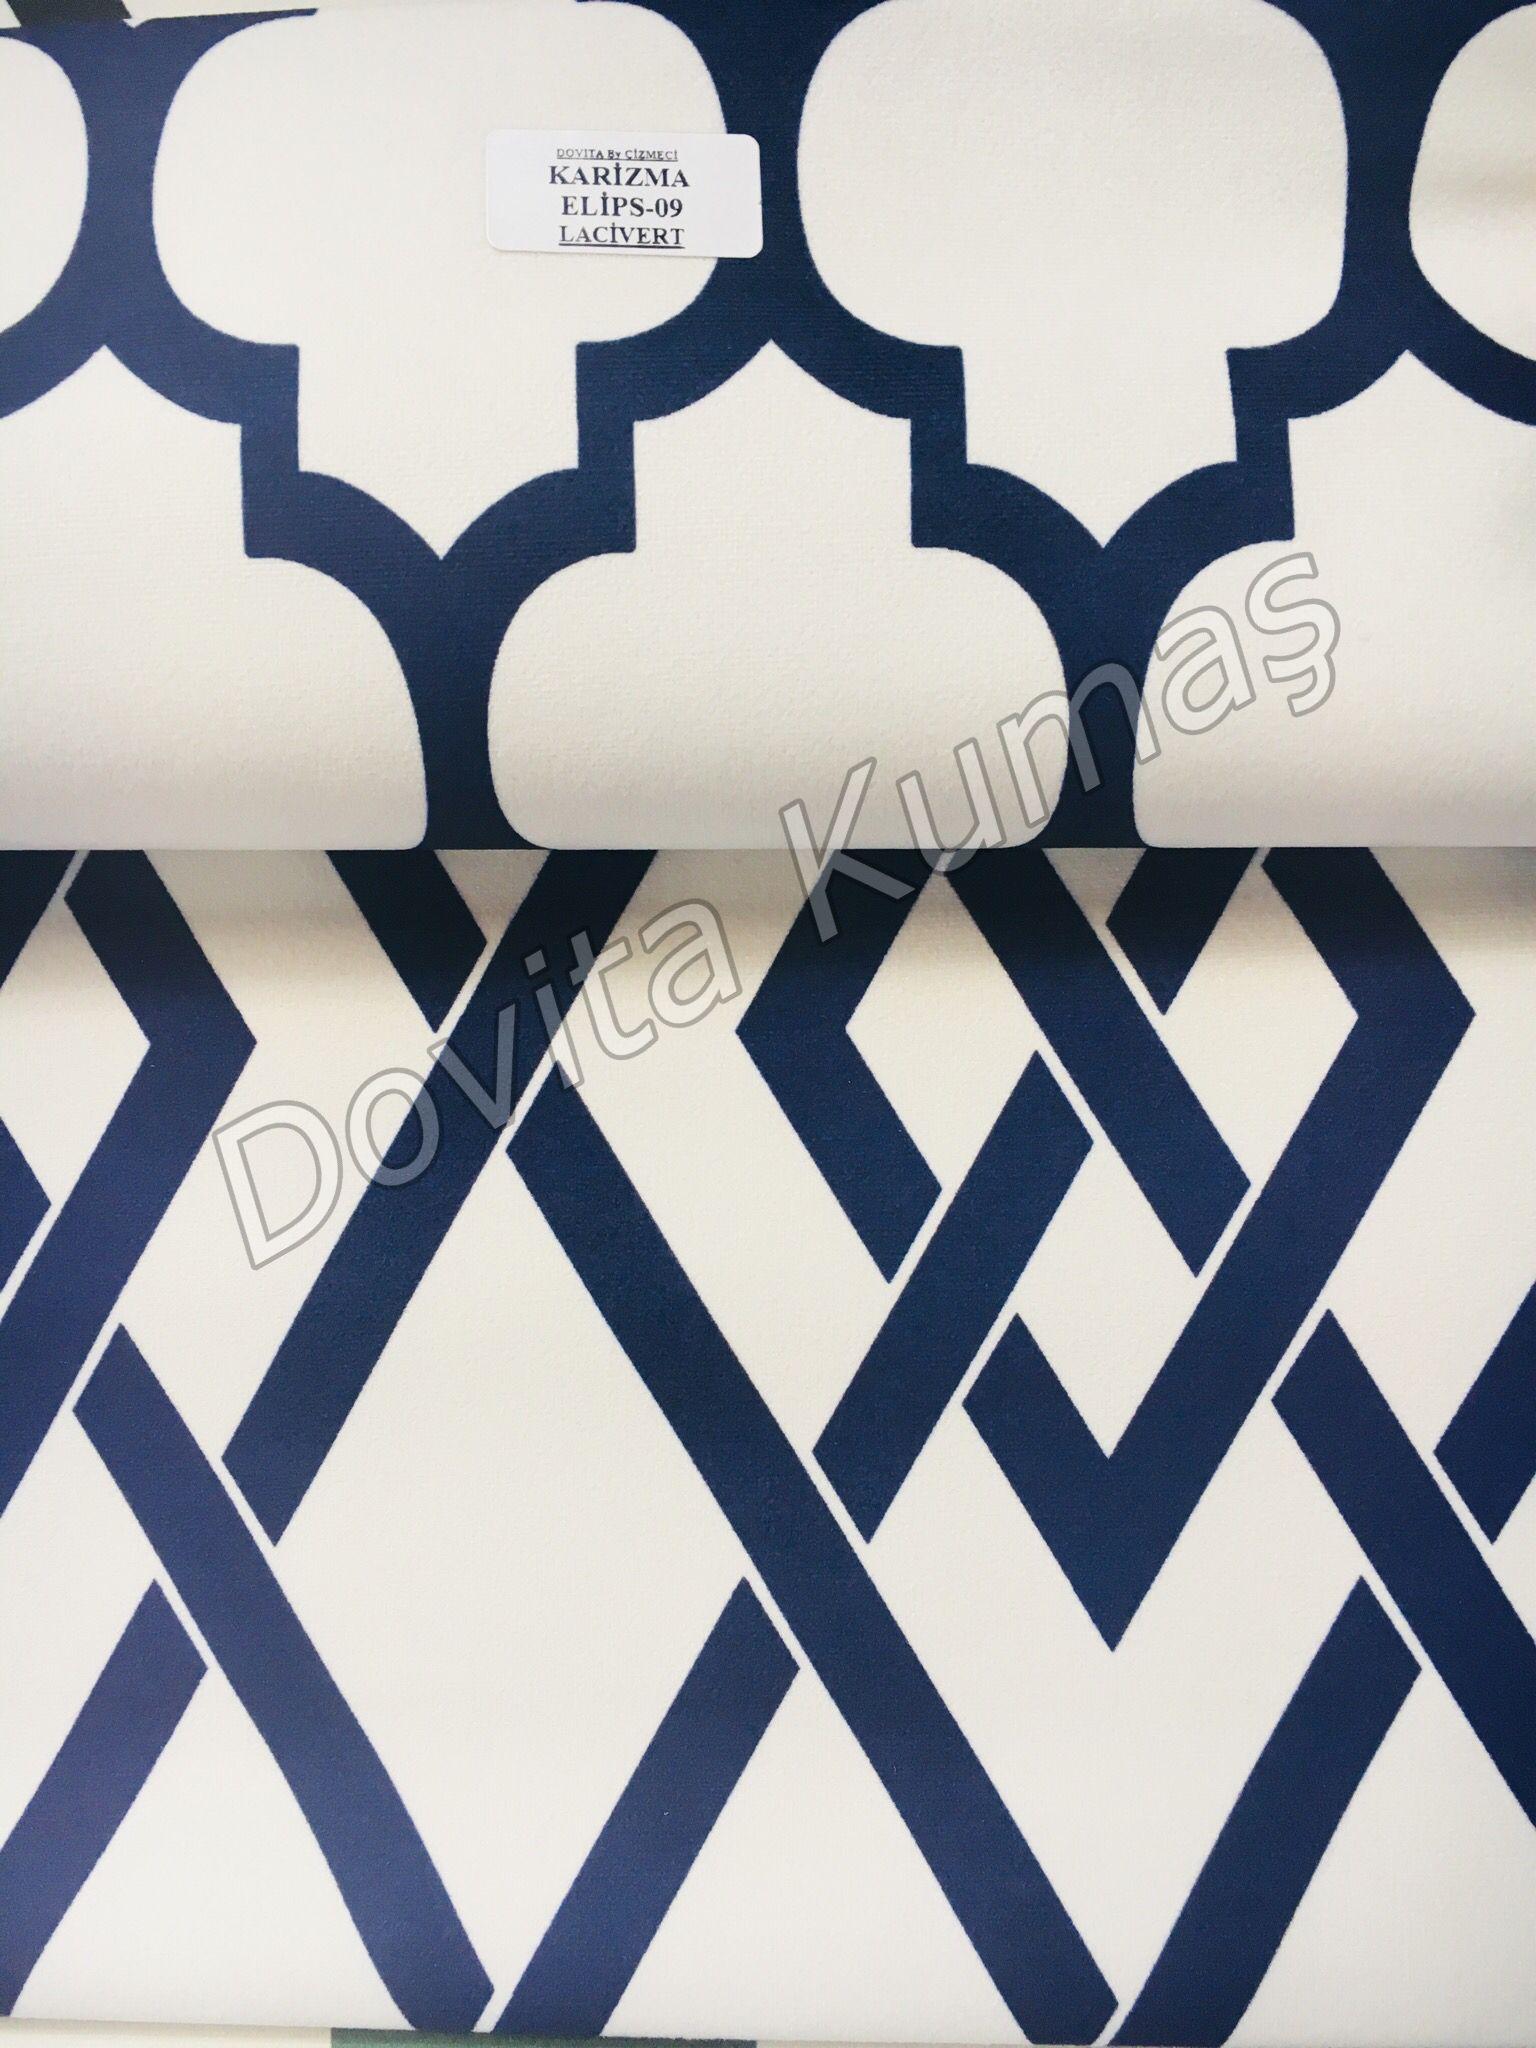 Dovita Dosemelik Kumas Istanbul Lacivert Beyaz Desen Instagram Dovitakumas Interiordesign Homedecoration Homedecor Dosemelik Kumaslar Kumas Desenler